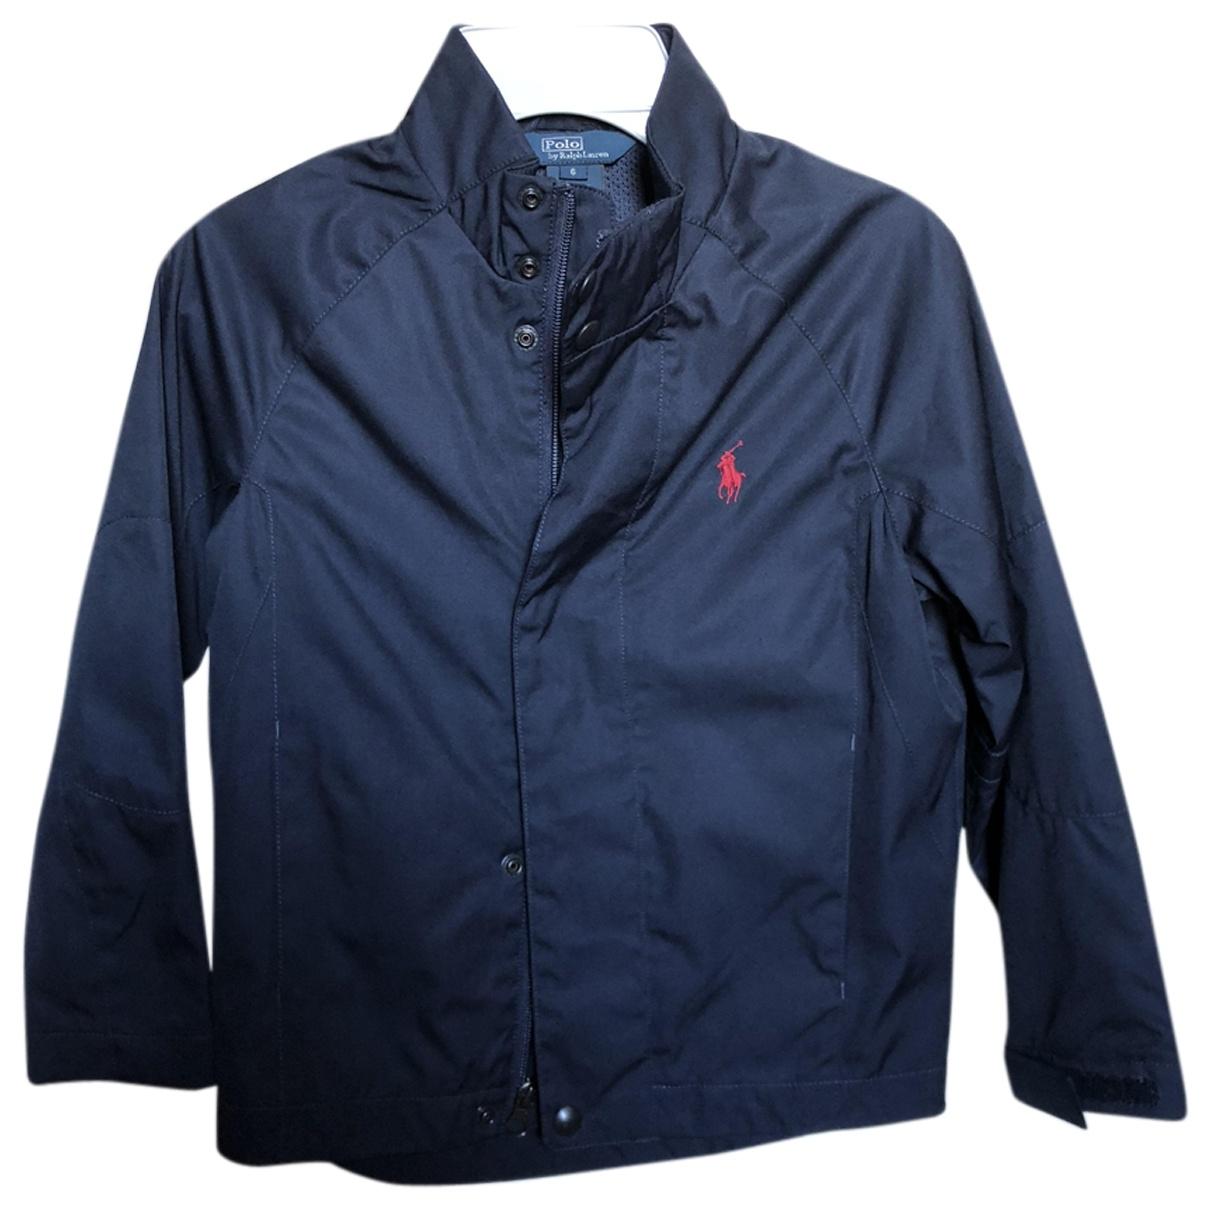 Polo Ralph Lauren \N Navy jacket  for Men 0 0 - 6